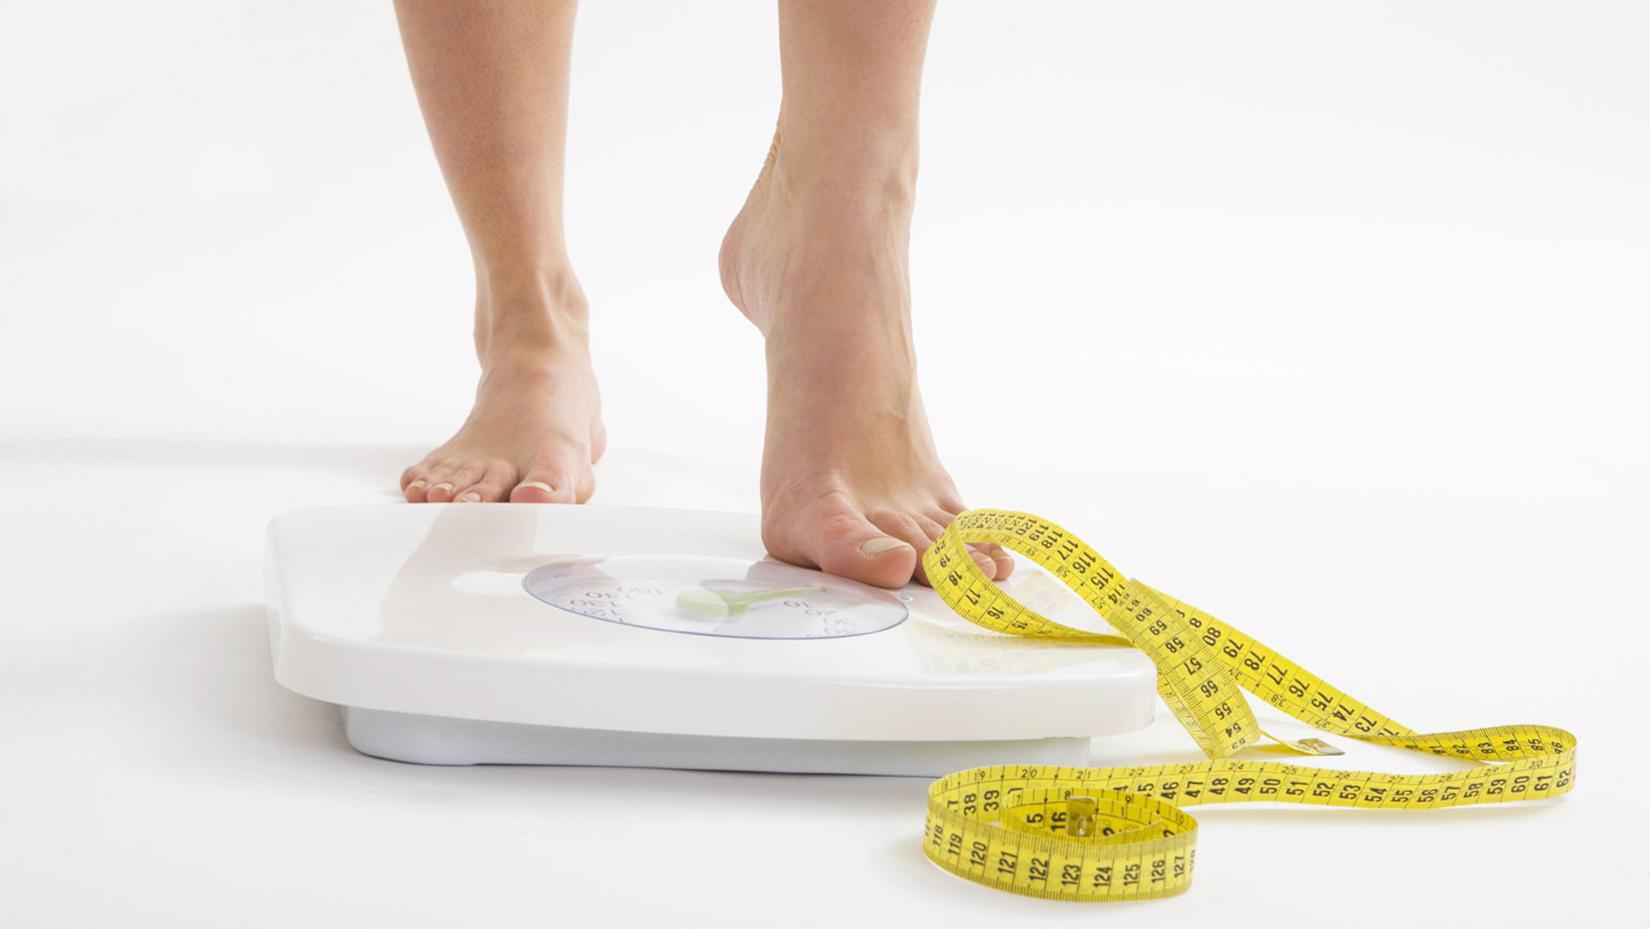 Lý do khiến bạn tăng cân bất ngờ